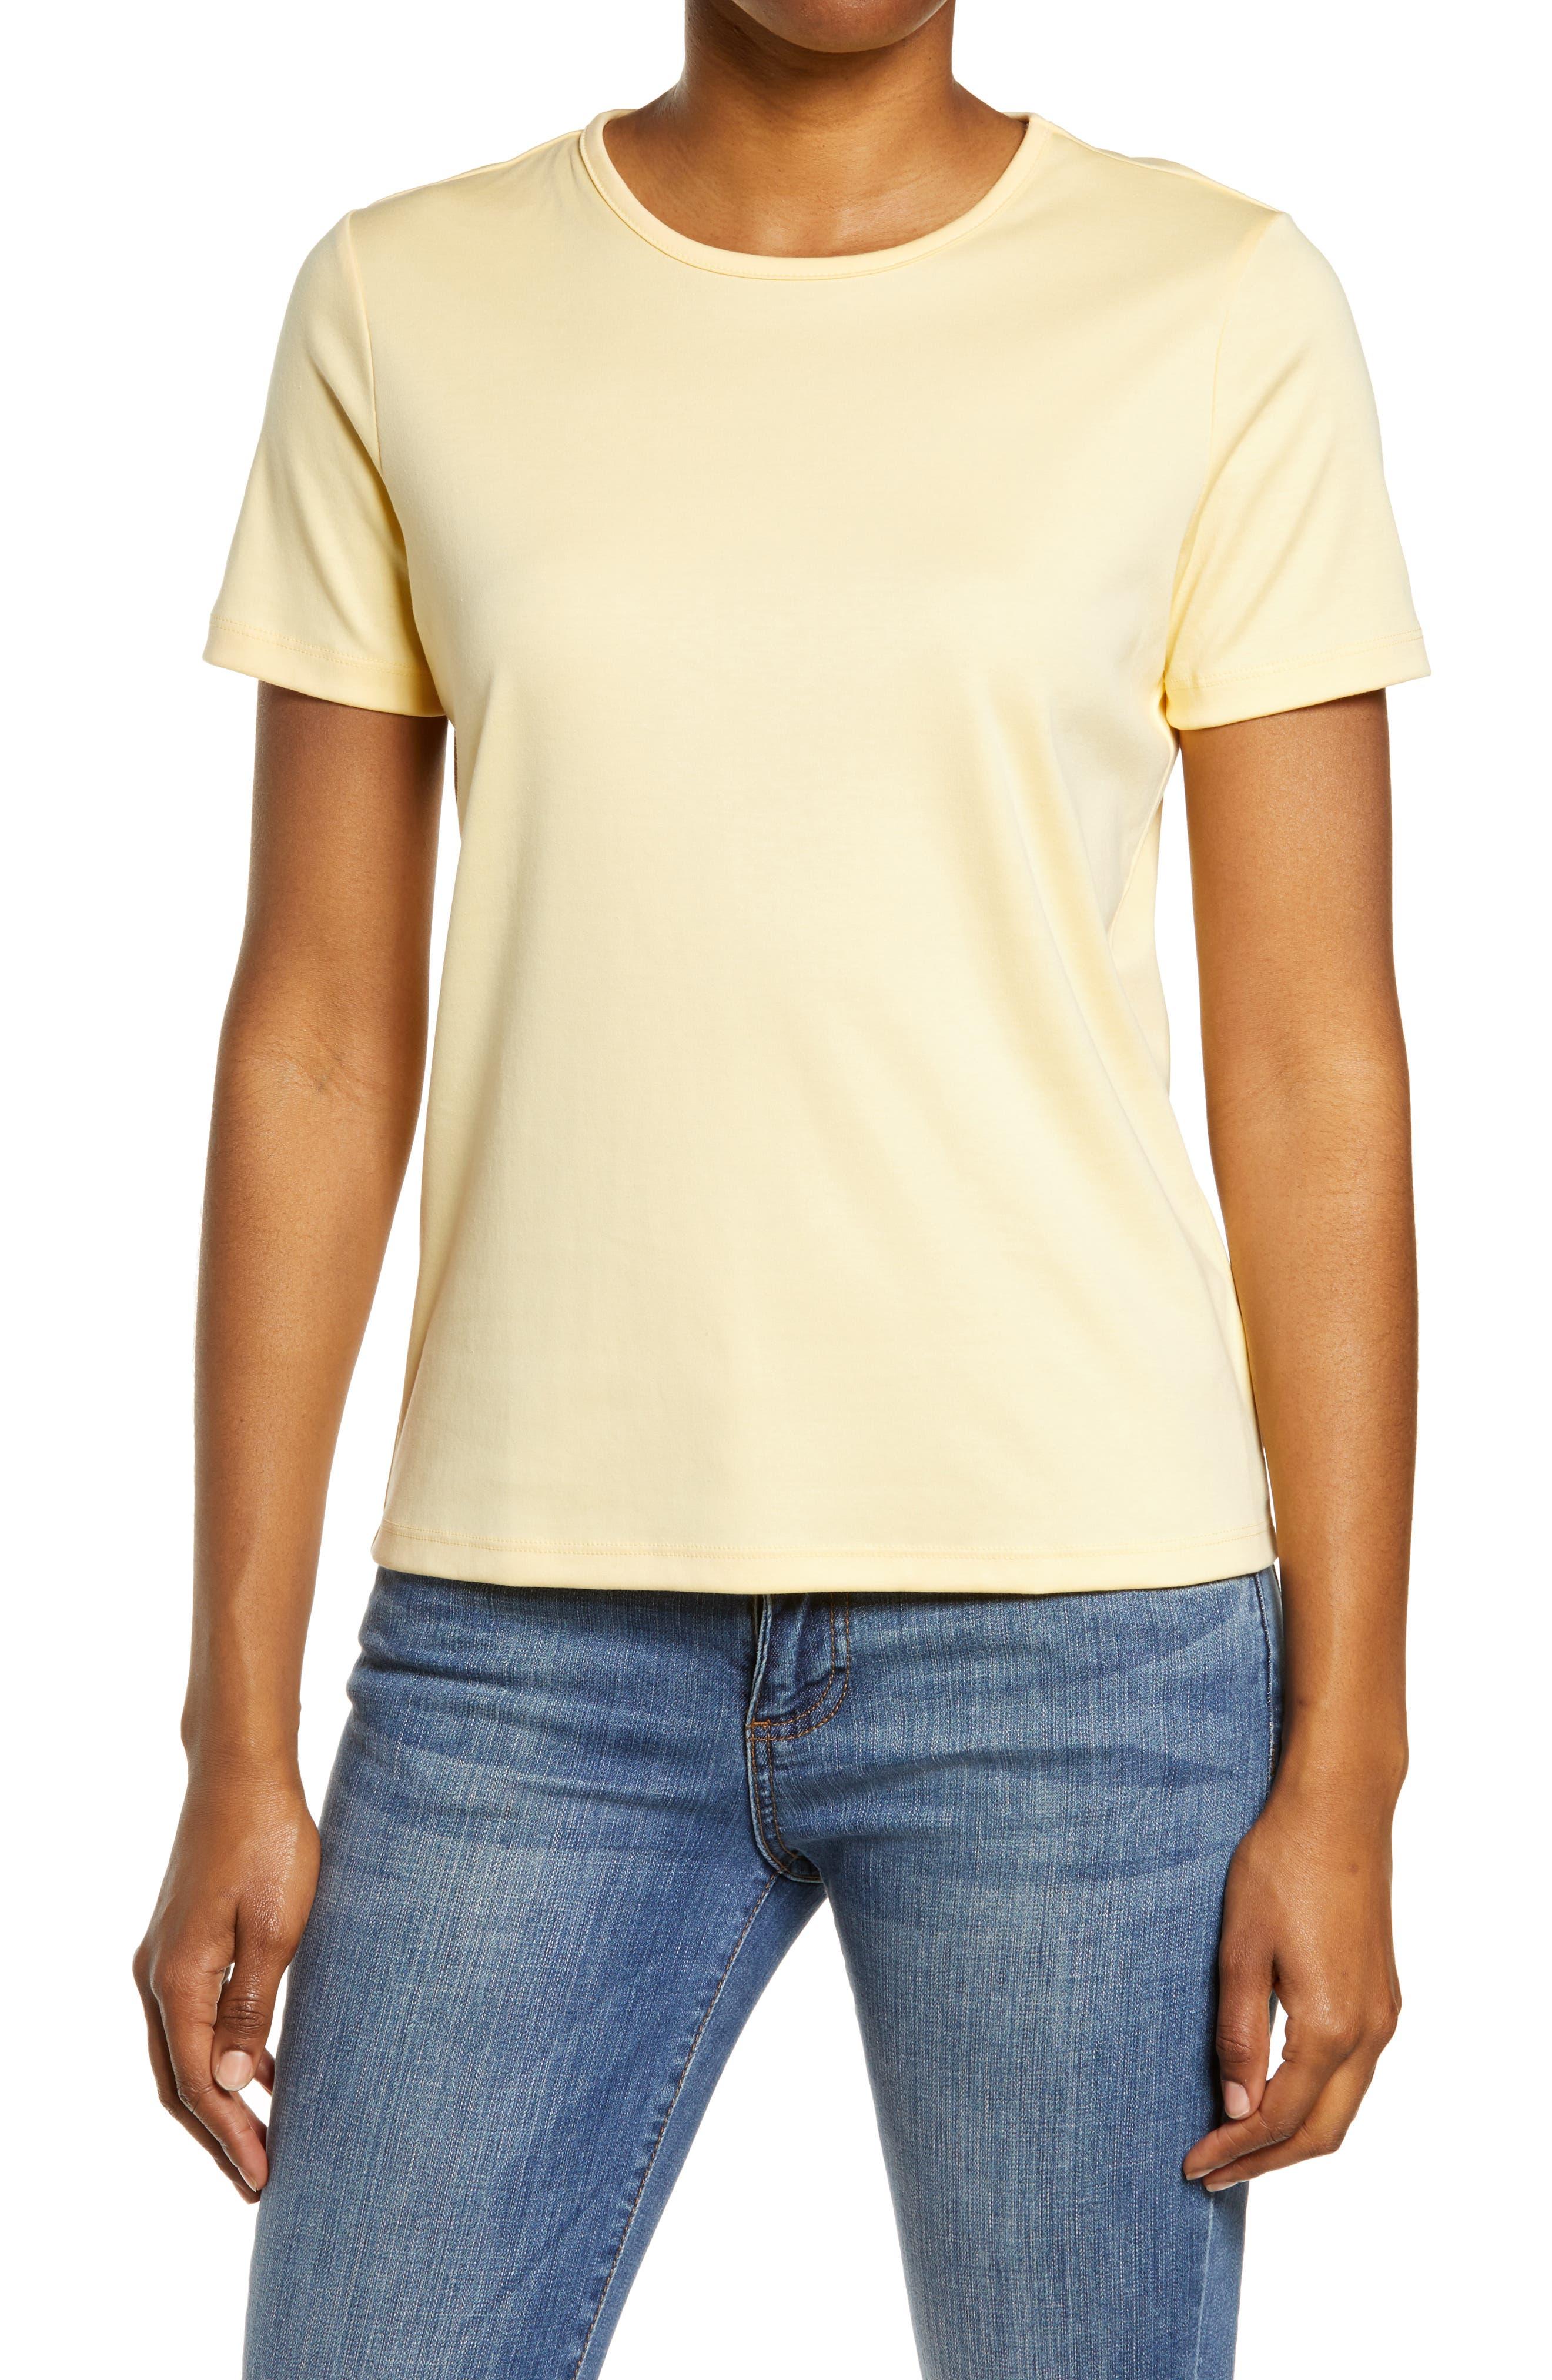 Women's L.l. Bean Women's Short Sleeve T-Shirt